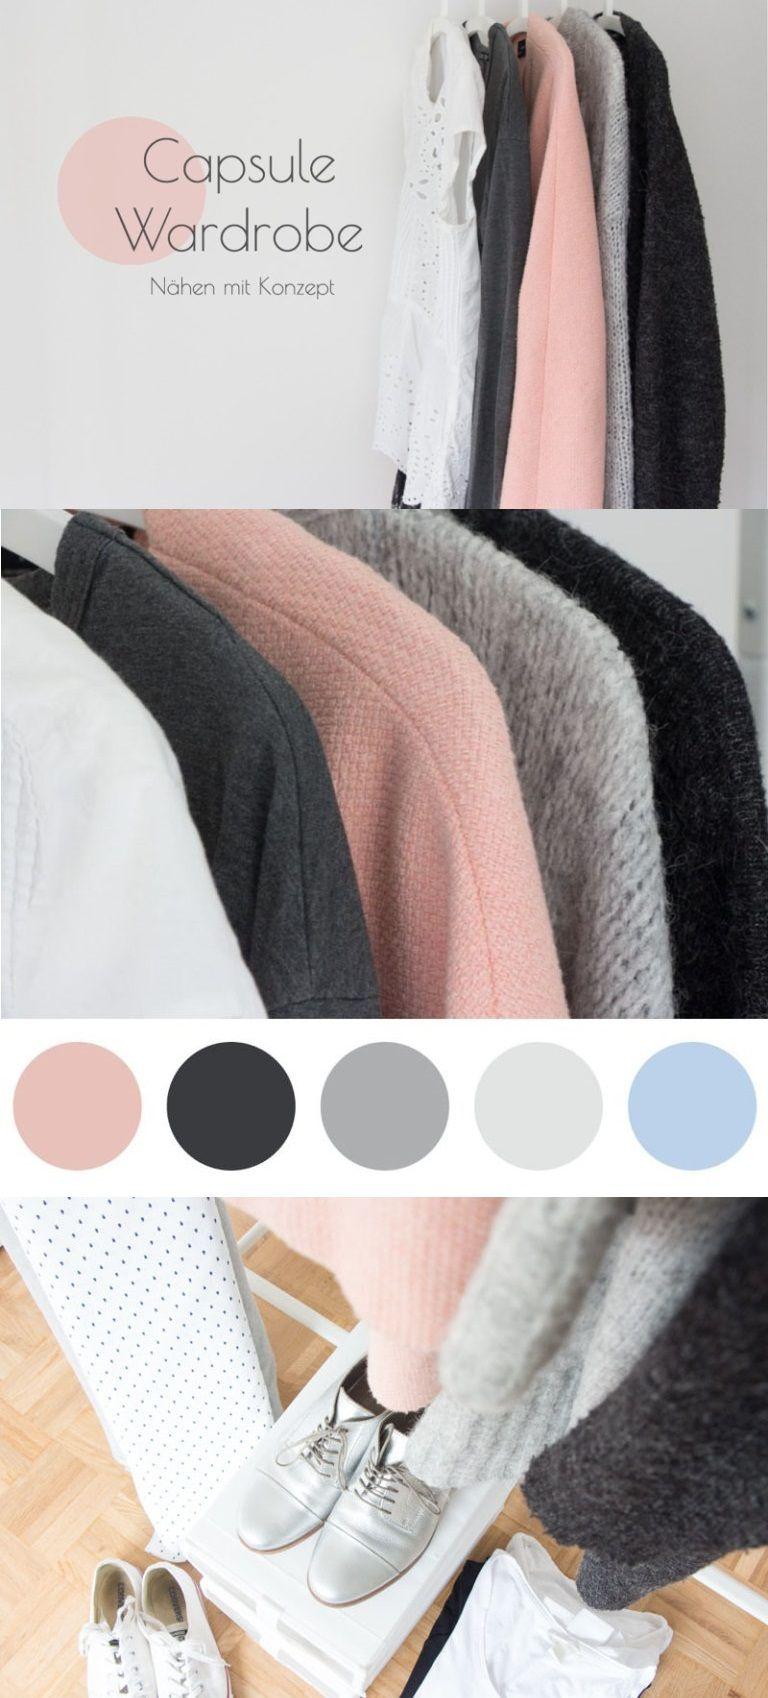 Capsule wardrobe wie du mit konzept n hen kannst for Minimalistischer kleiderschrank